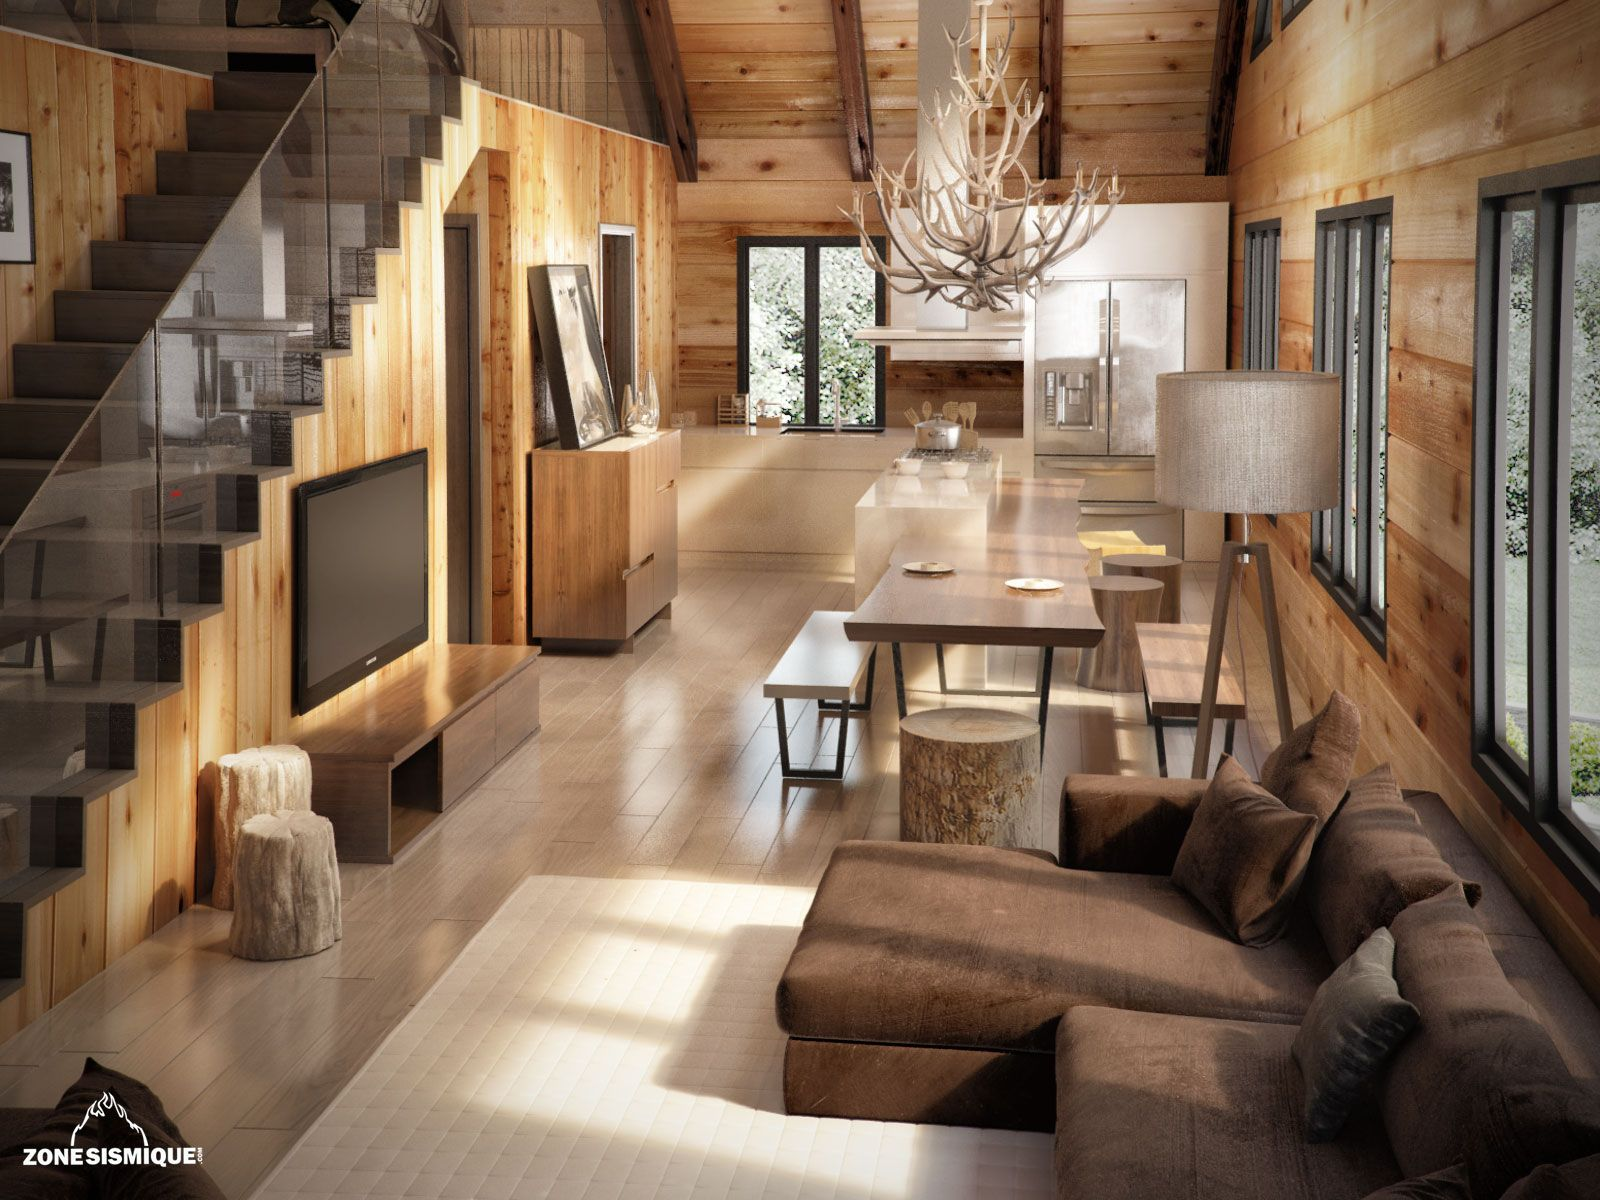 zone sismique design industriel 3d graphique carl plante archi pinterest. Black Bedroom Furniture Sets. Home Design Ideas